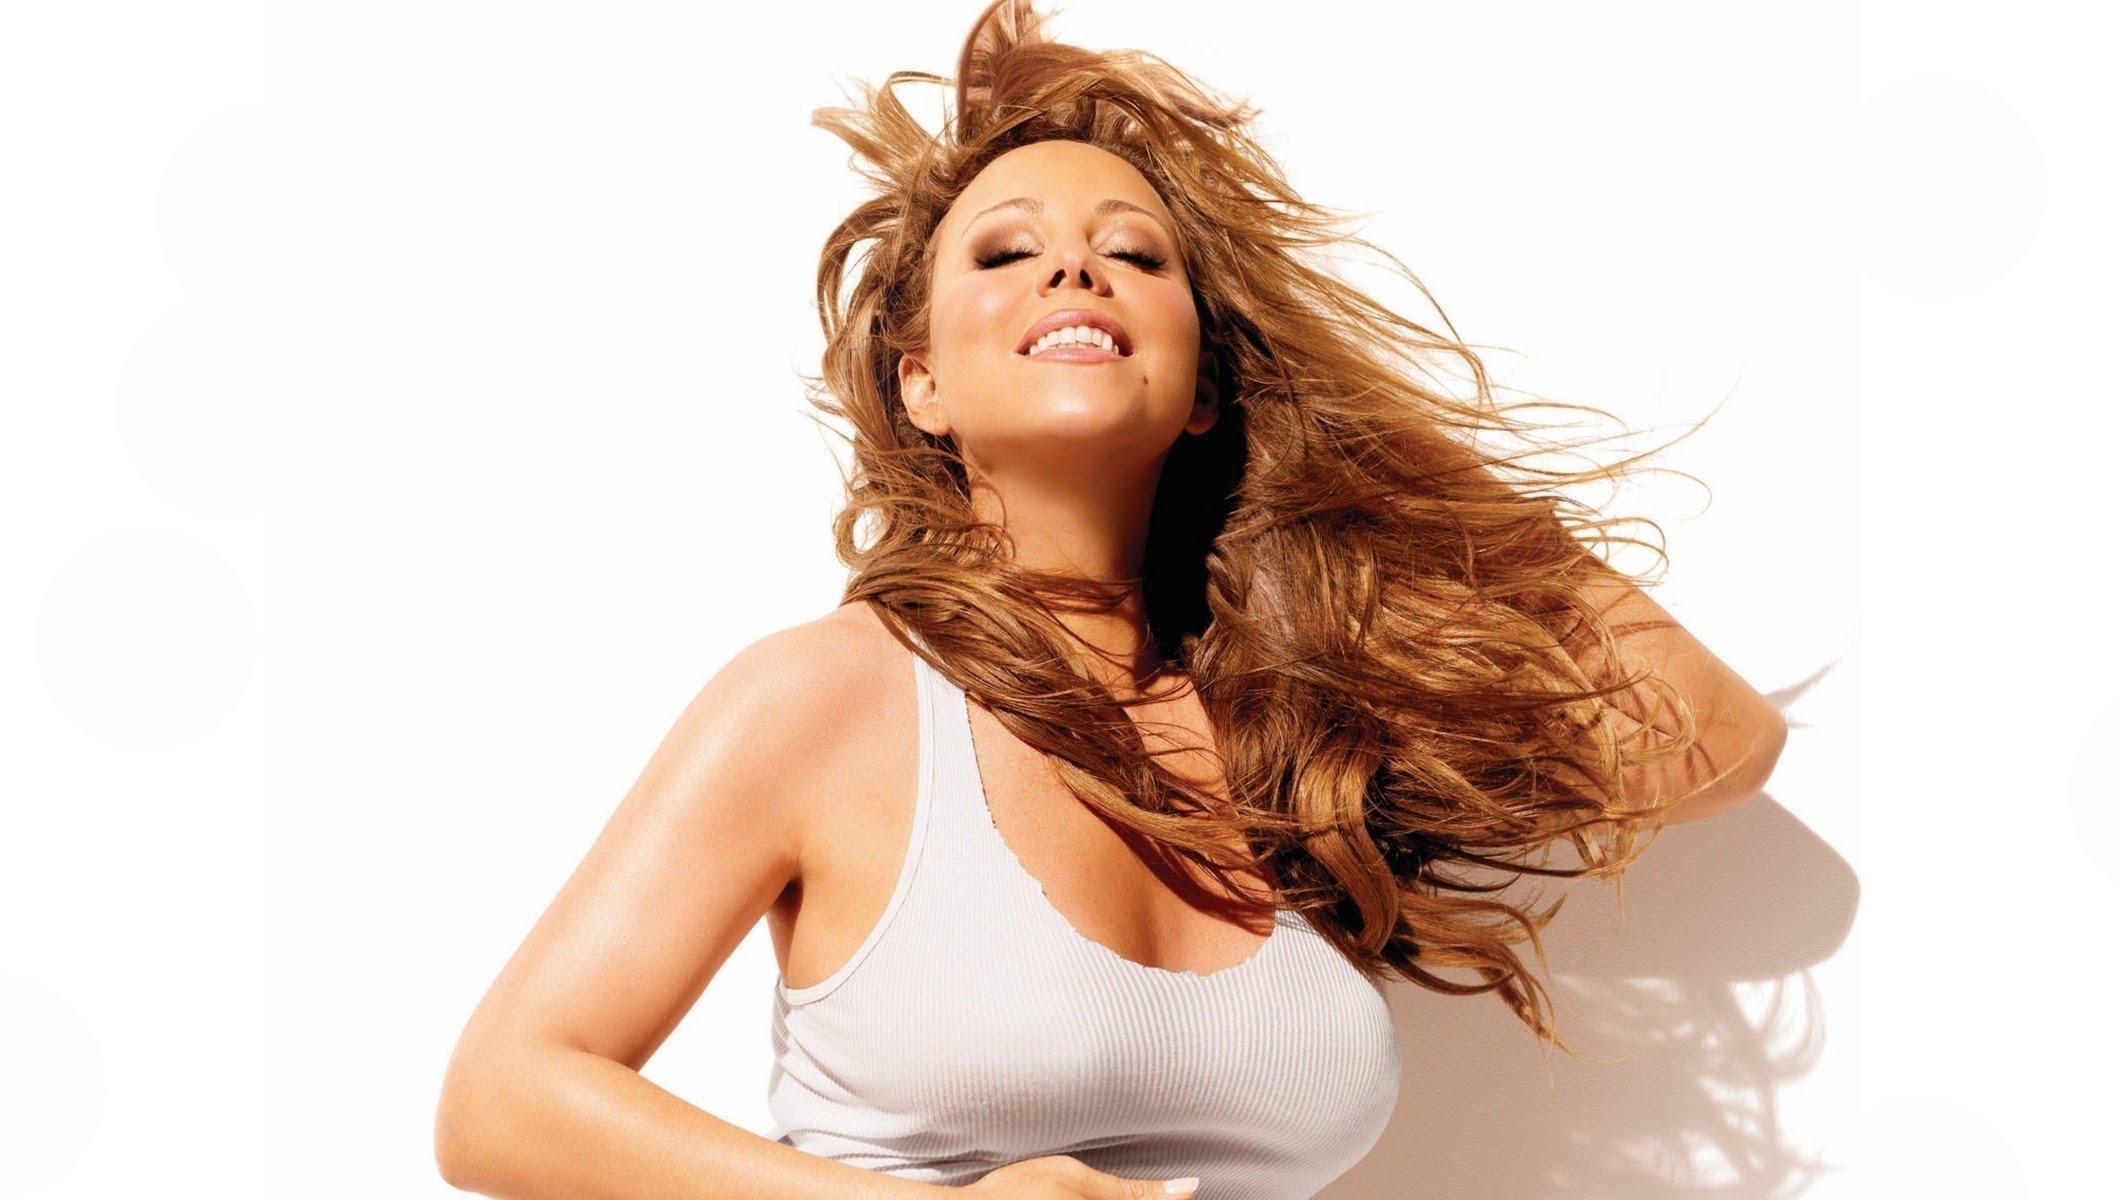 Mariah Carey Computer Wallpapers